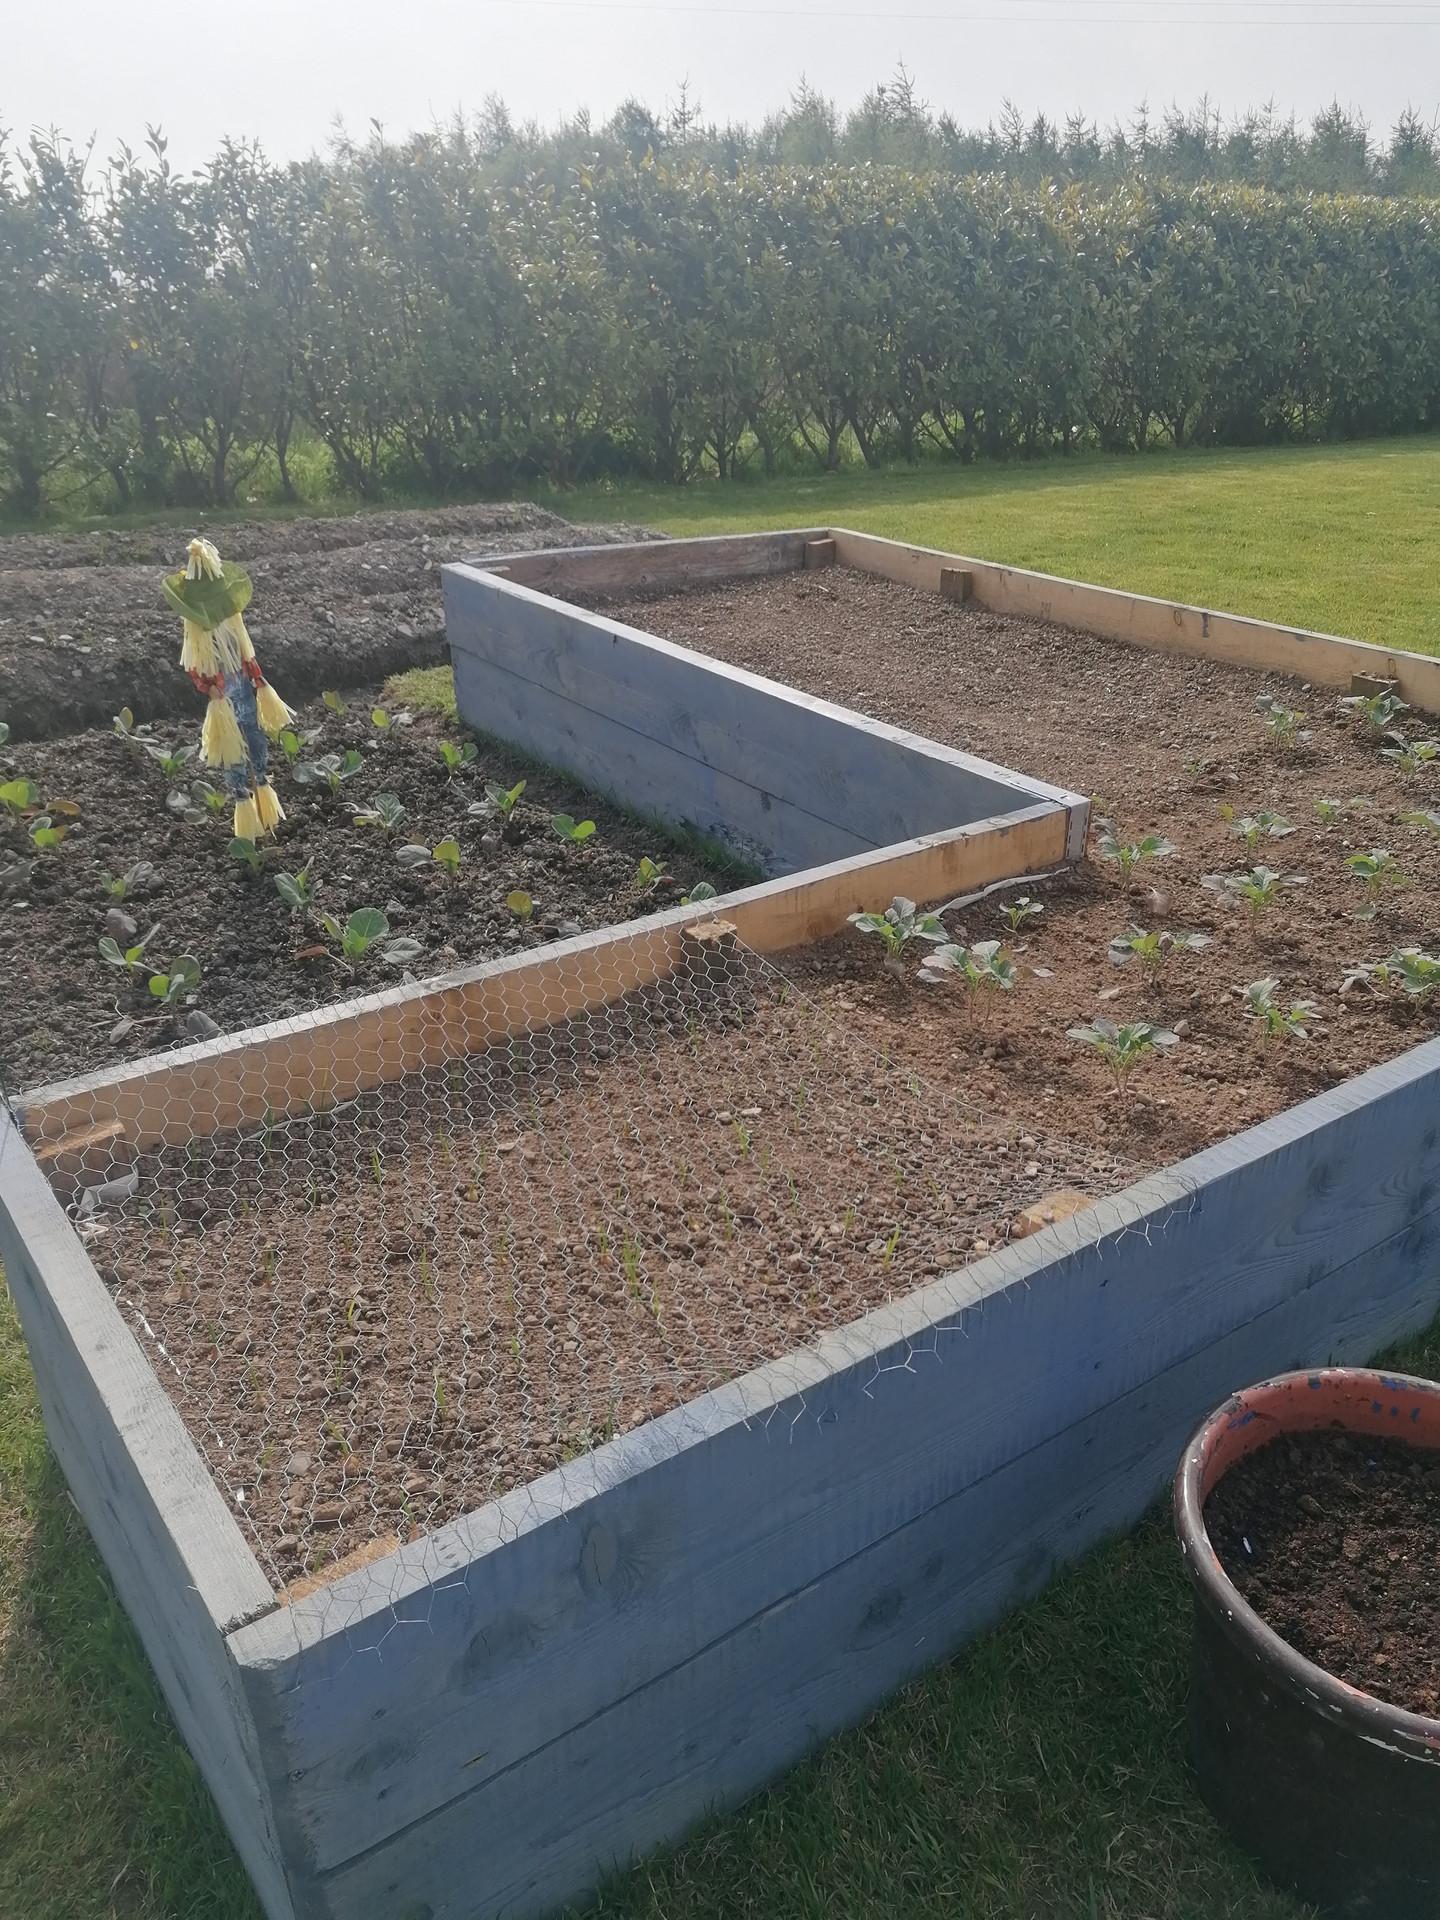 Jamie & Evan's gardening